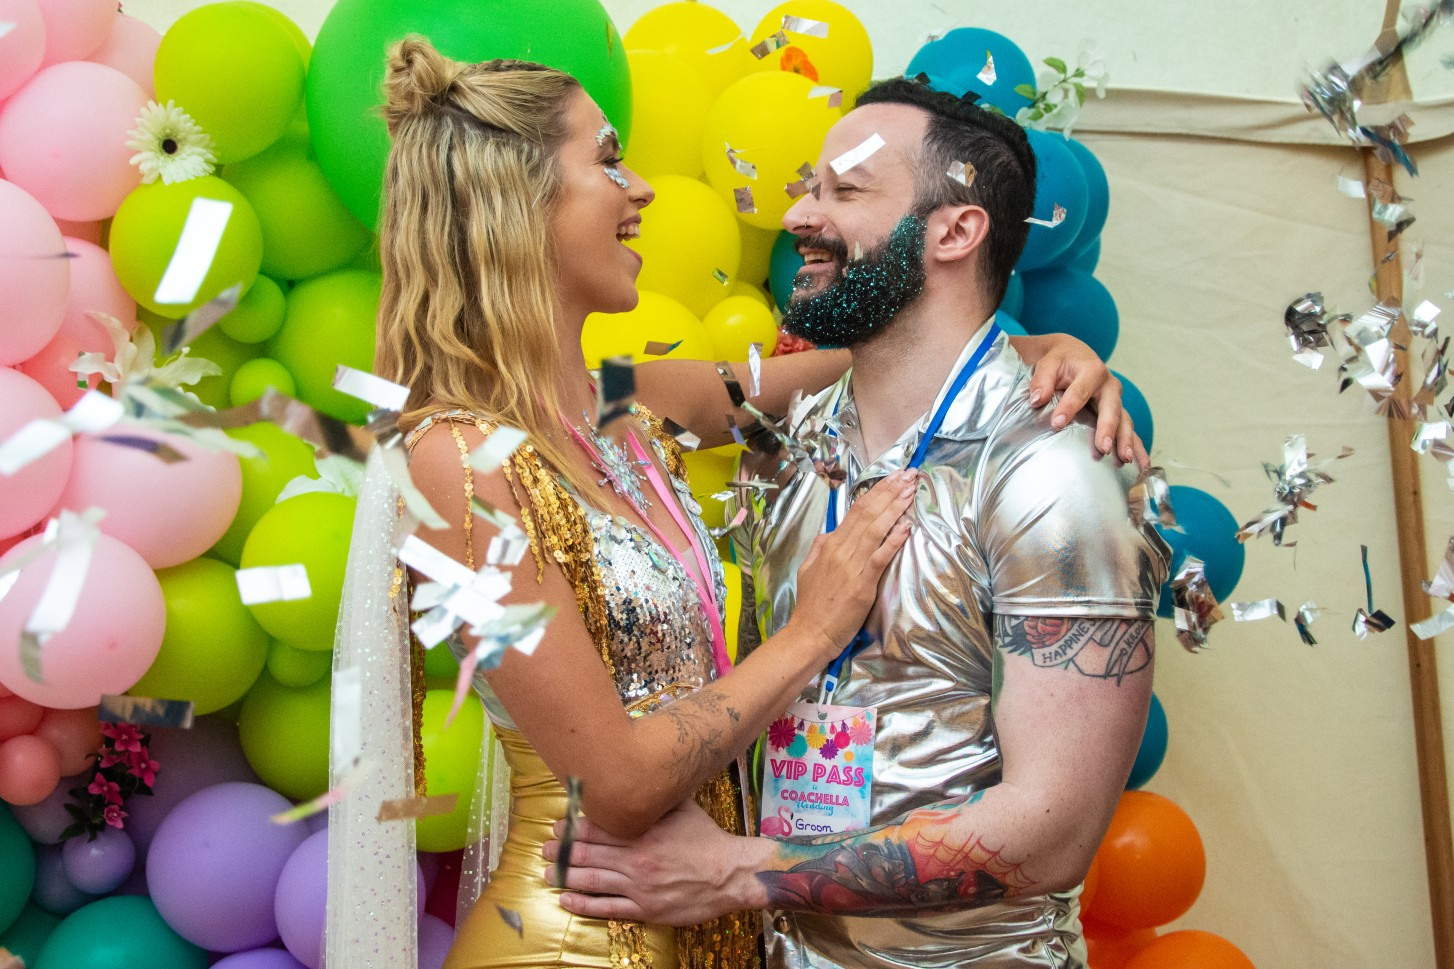 sparkly festival wedding - colourful wedding - festival wedding confetti shot - colourful wedding backdrop